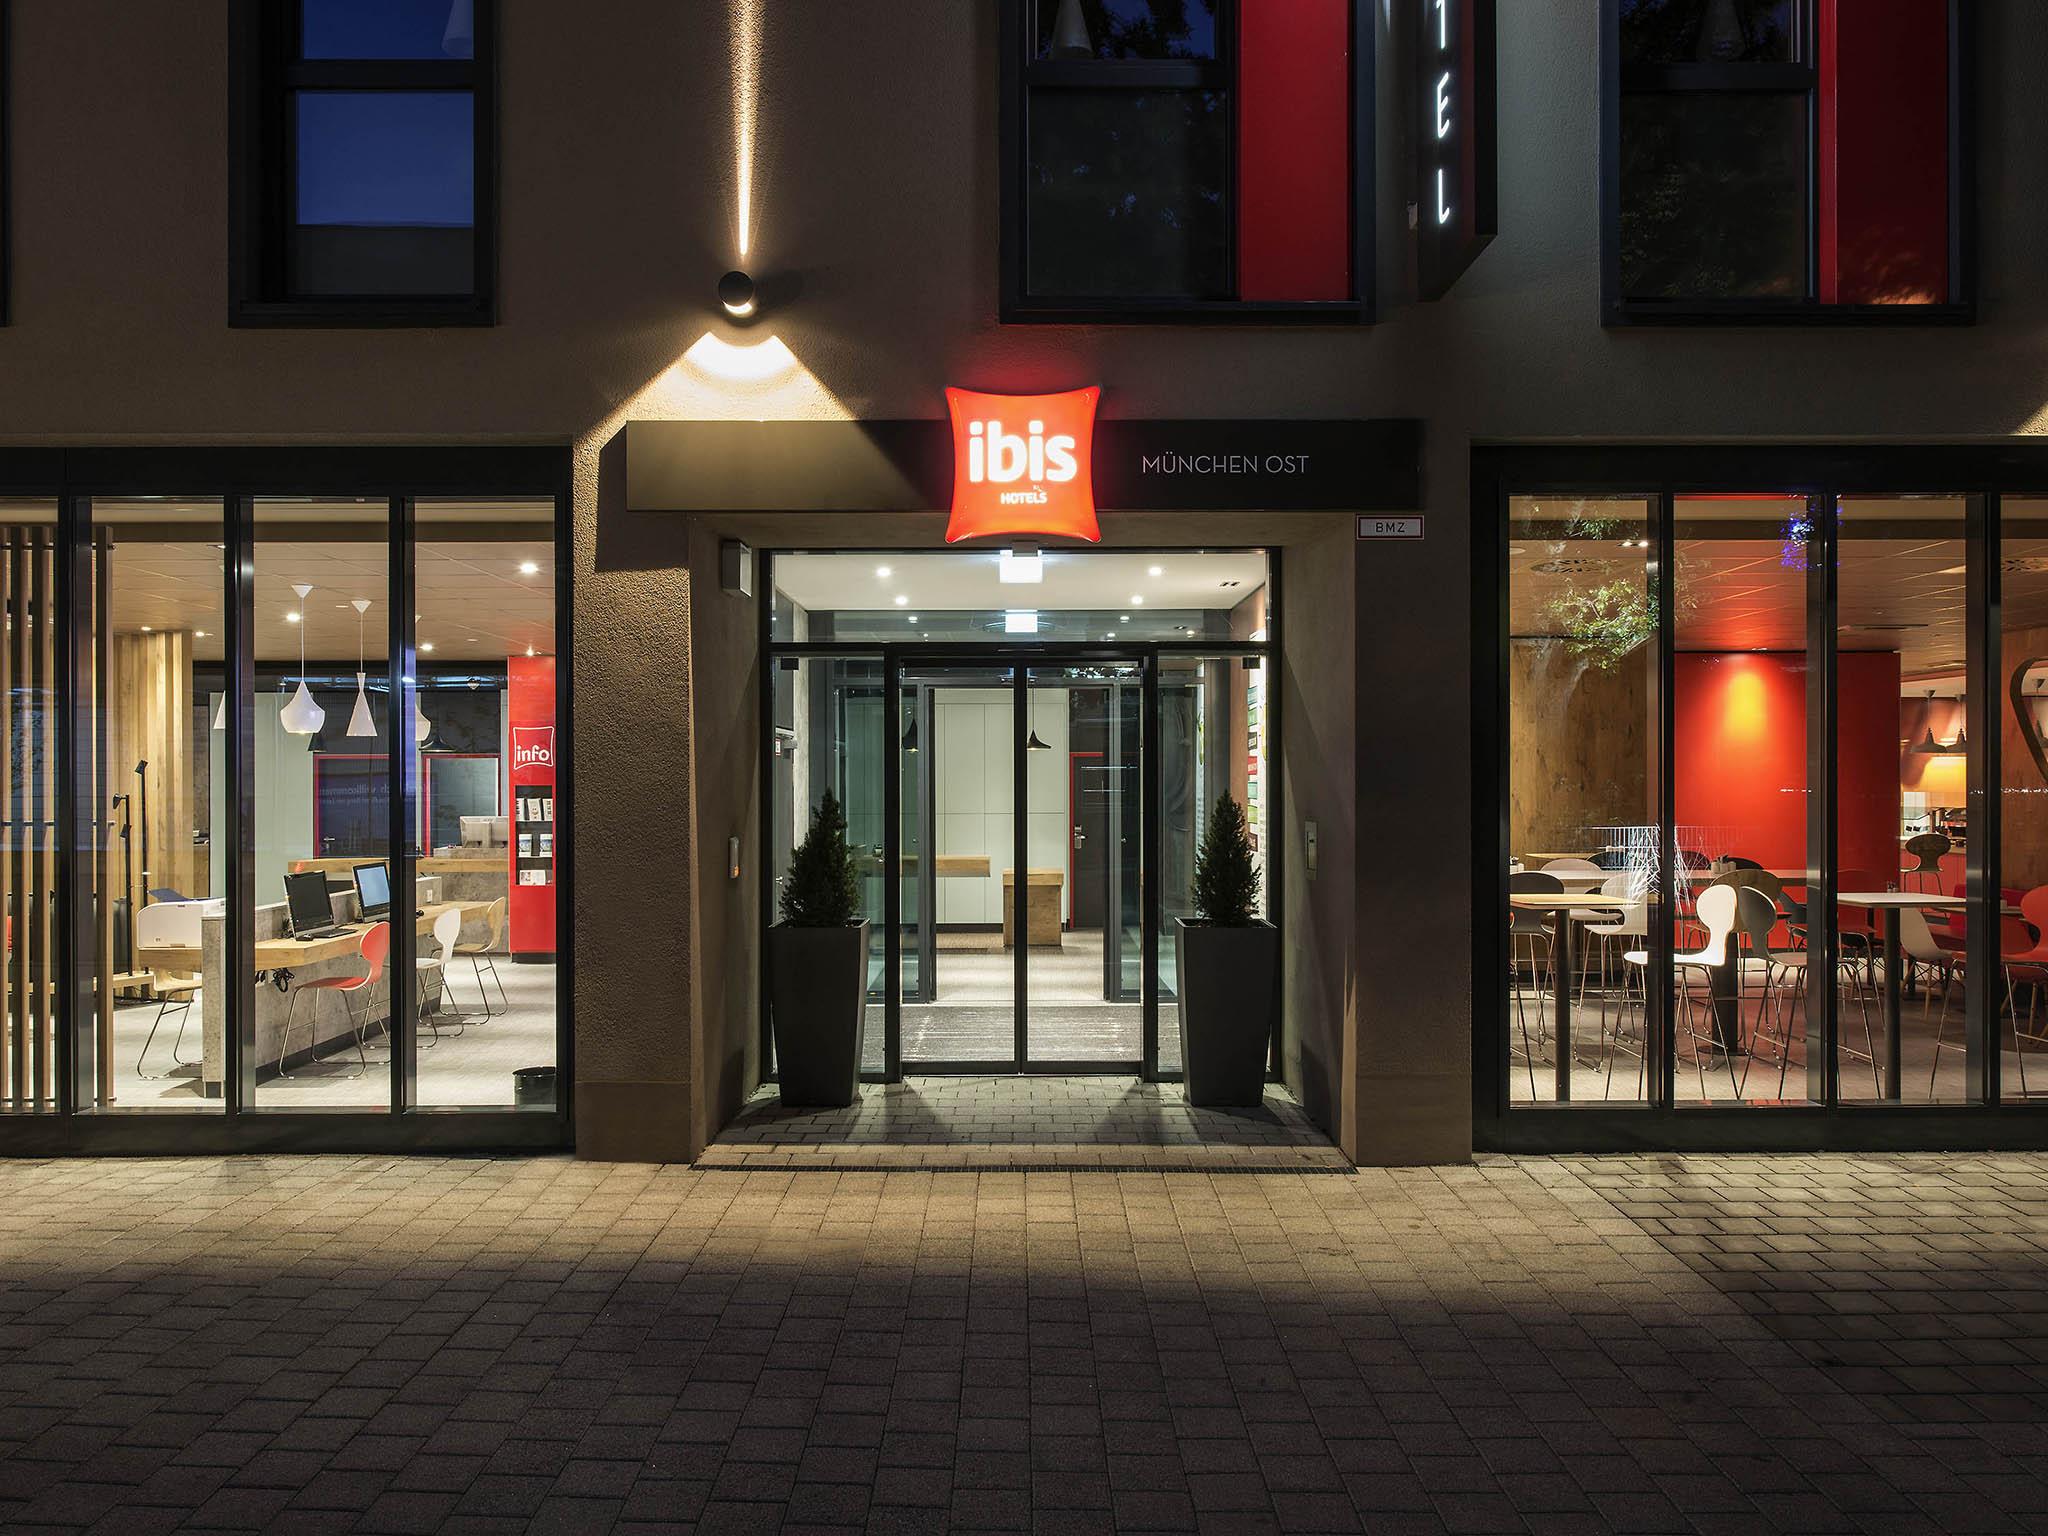 โรงแรม – ไอบิส มุนเช่น ซิตี้ ออสต์